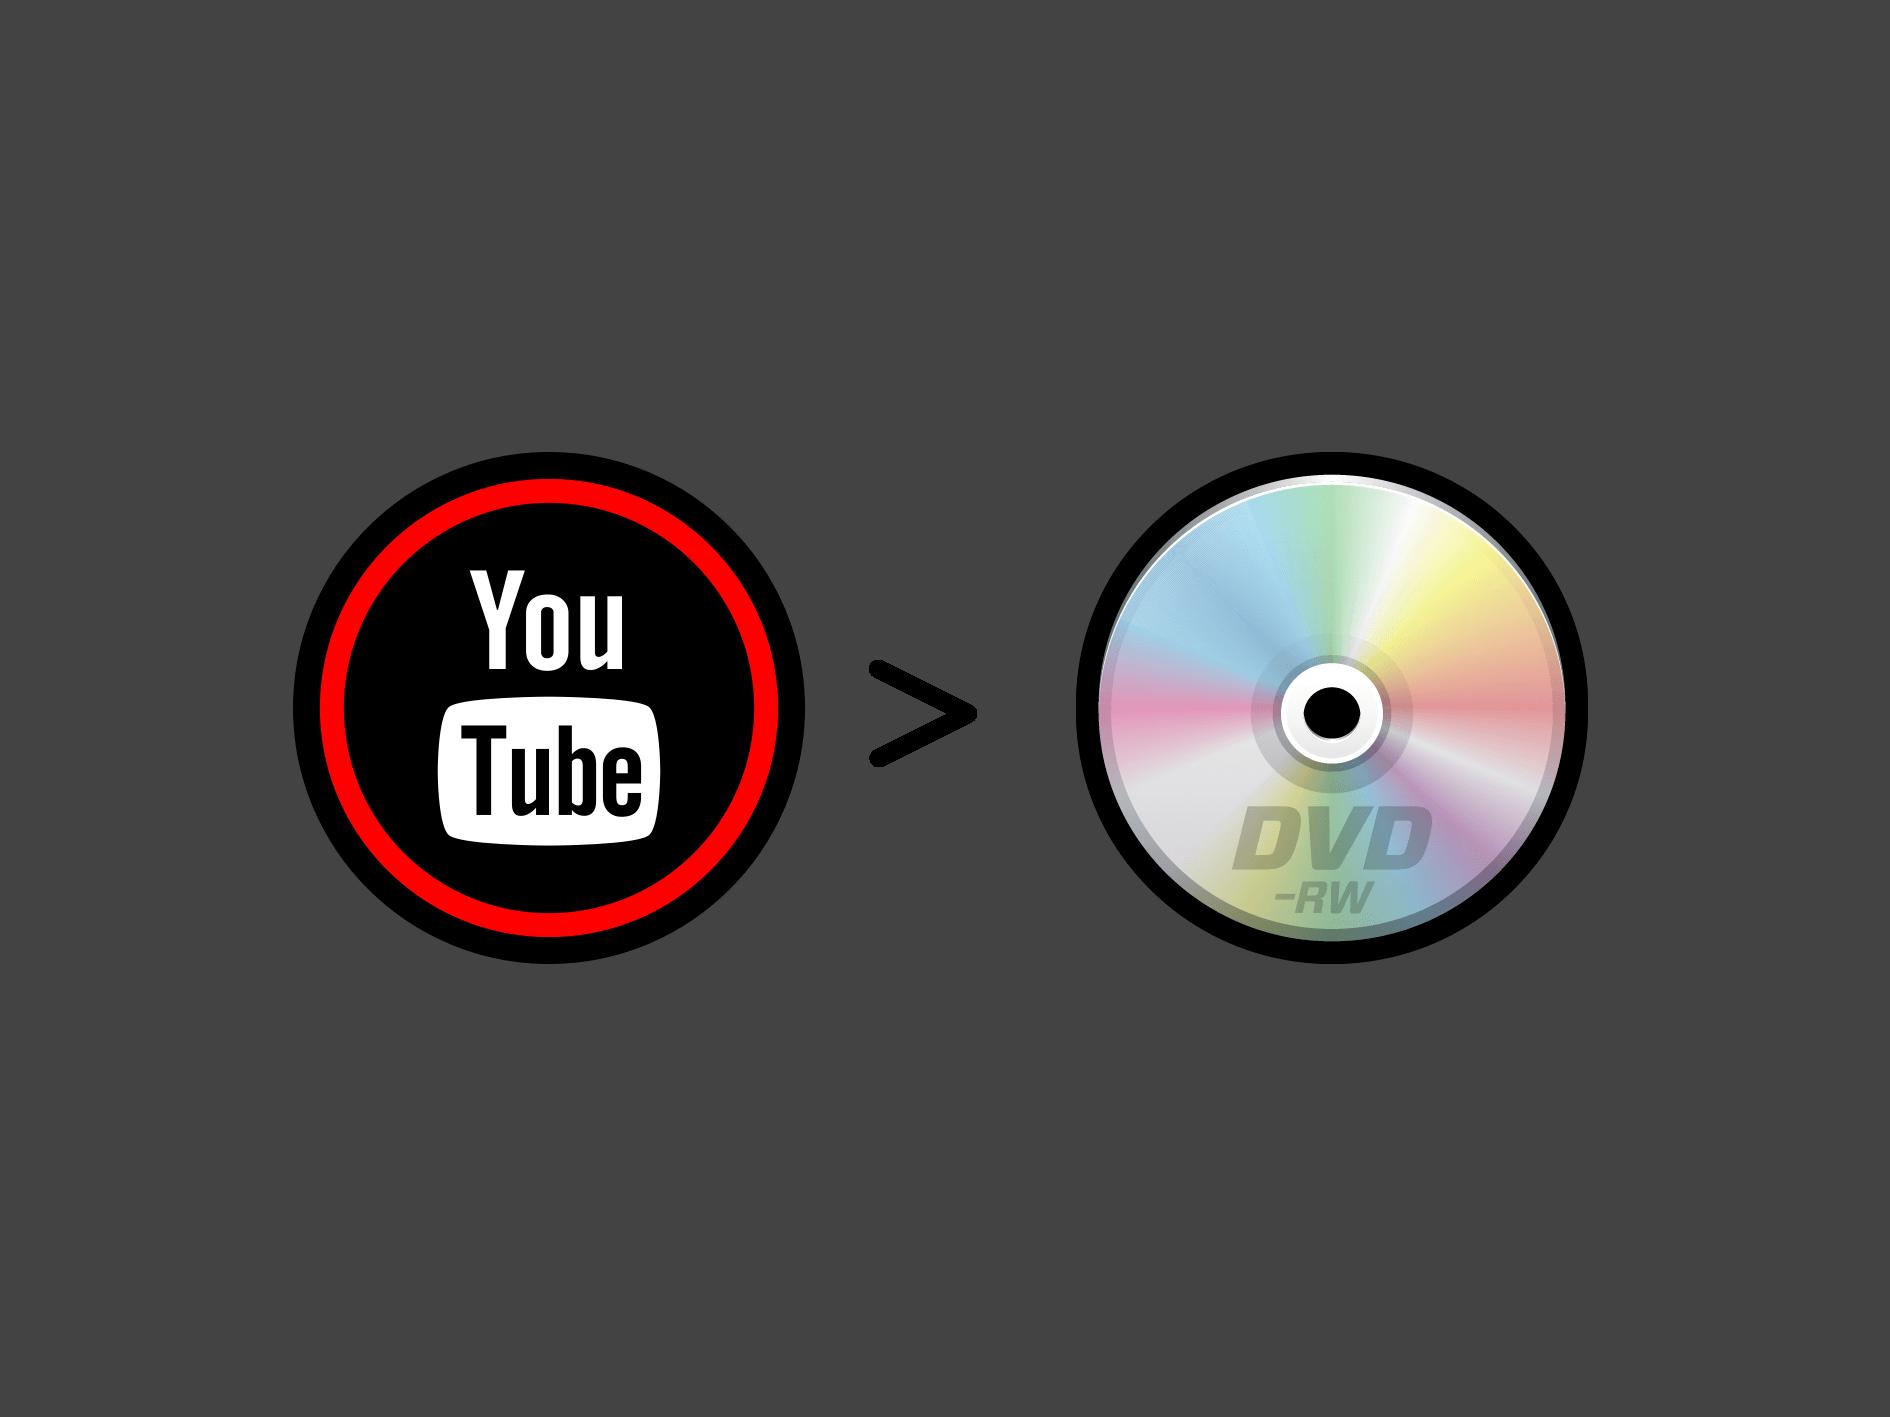 YouTube動画をダウンロードしてDVDに書き込む